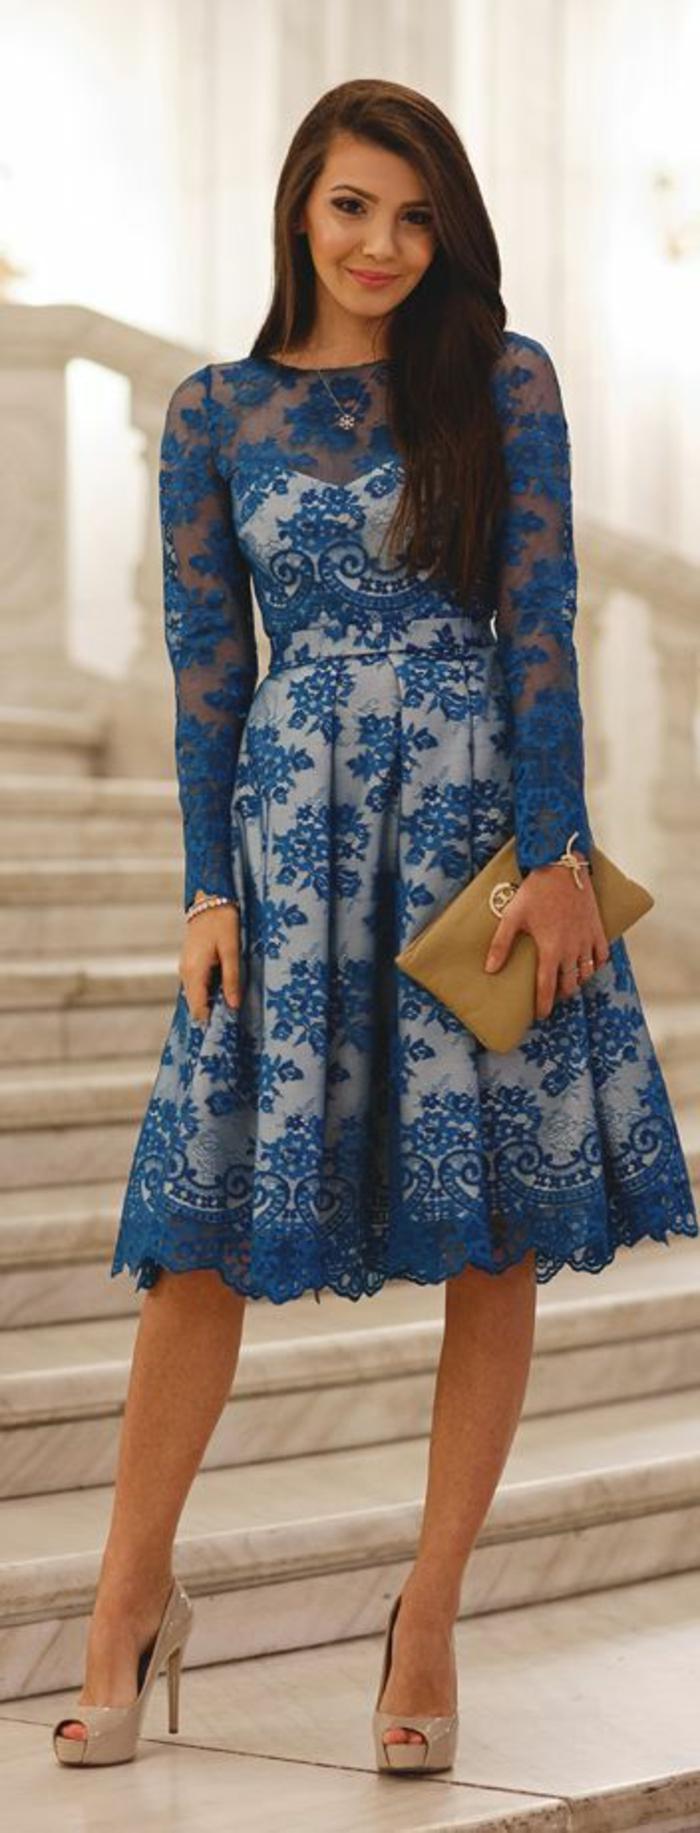 robe-de-soire-pas-cher-bleu-en-dentelle-avec-petit-sac-beige-talons-hauts-noires